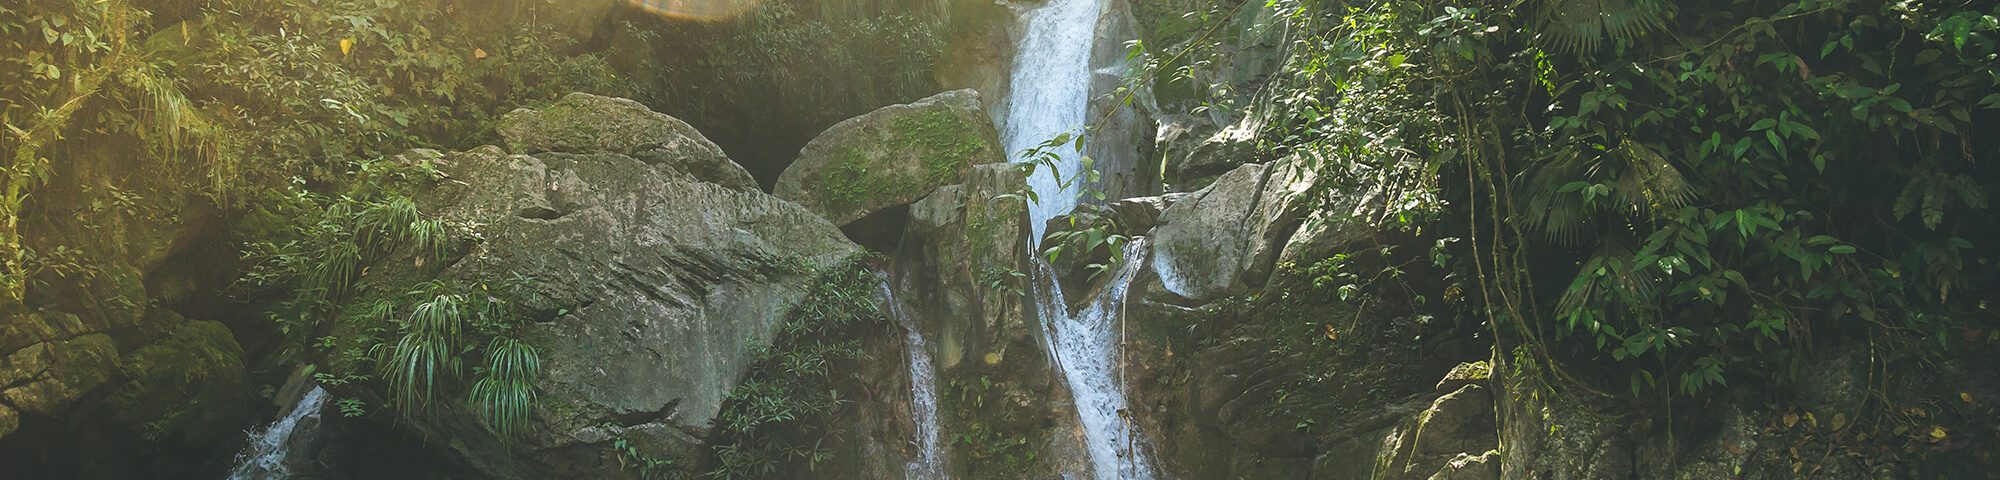 Catarata de Agua Santa Carmen